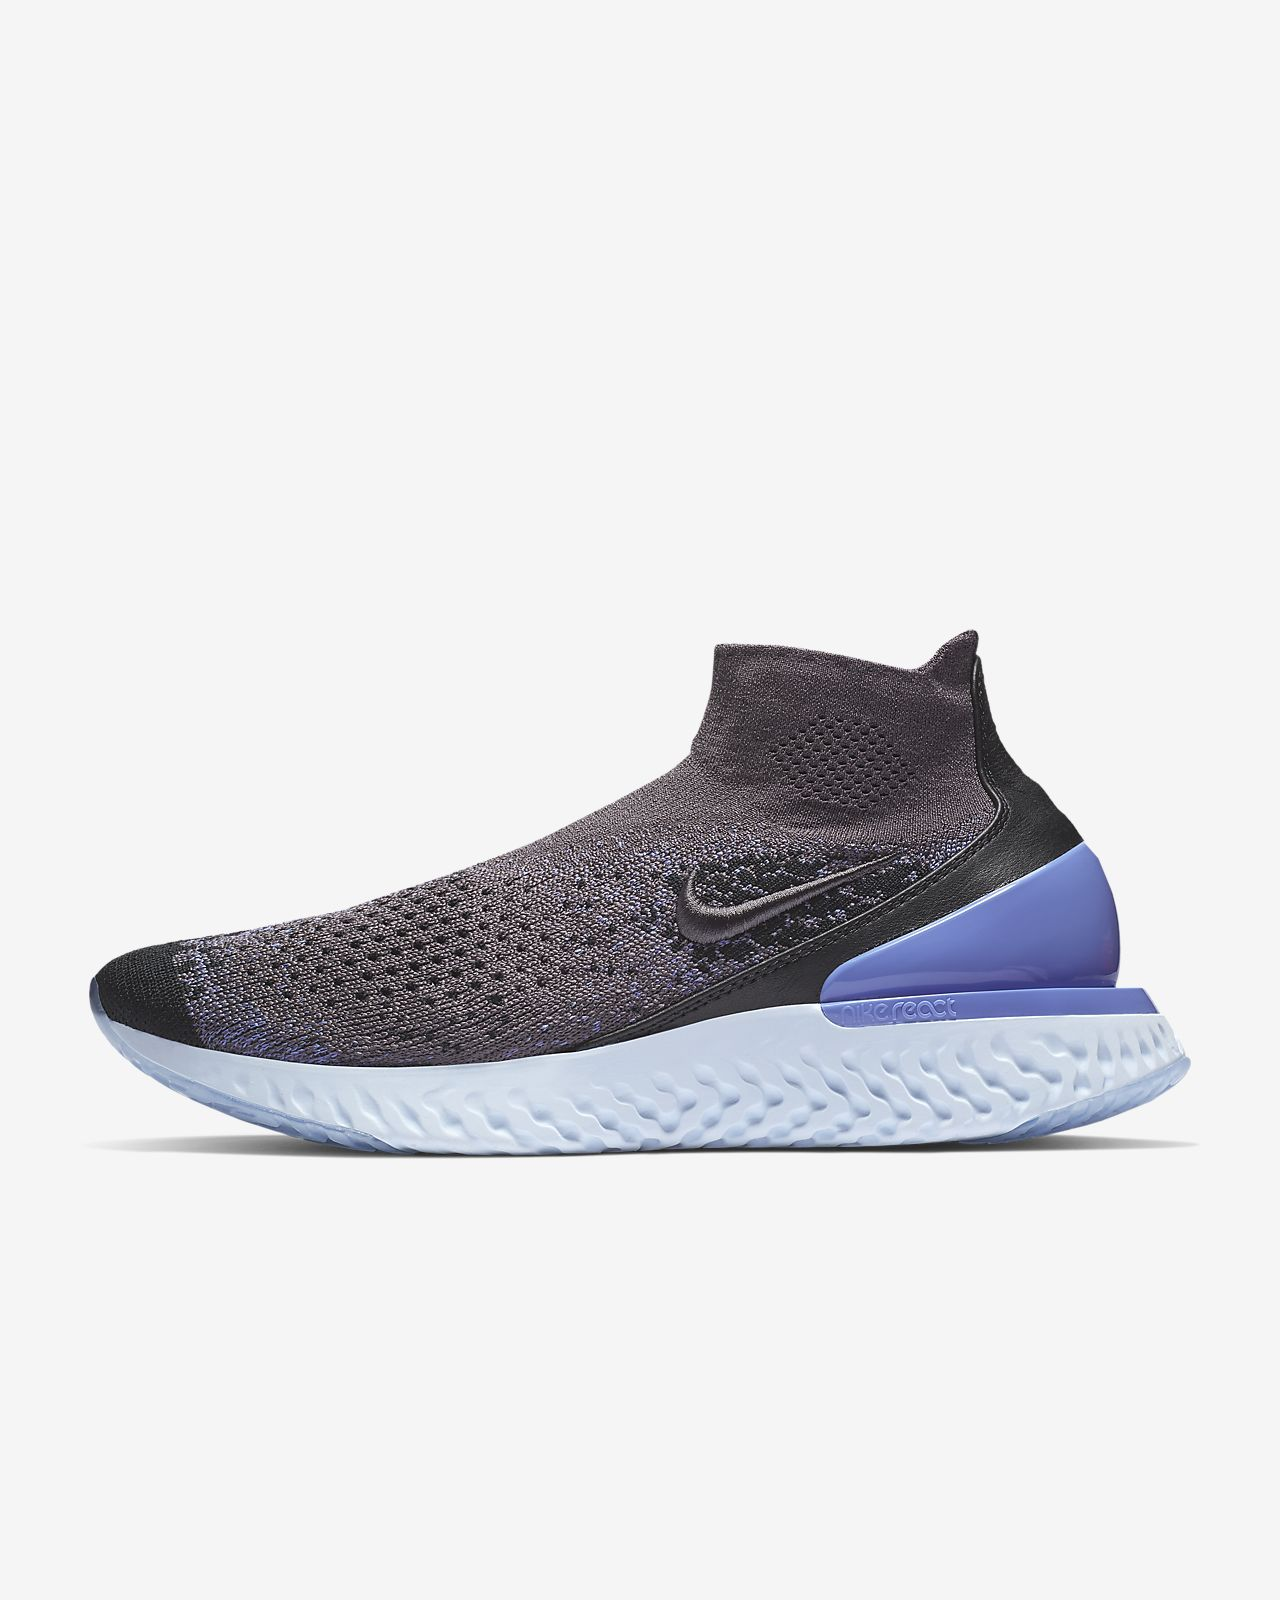 92d839682ea2 Nike Rise React Flyknit Running Shoe. Nike.com